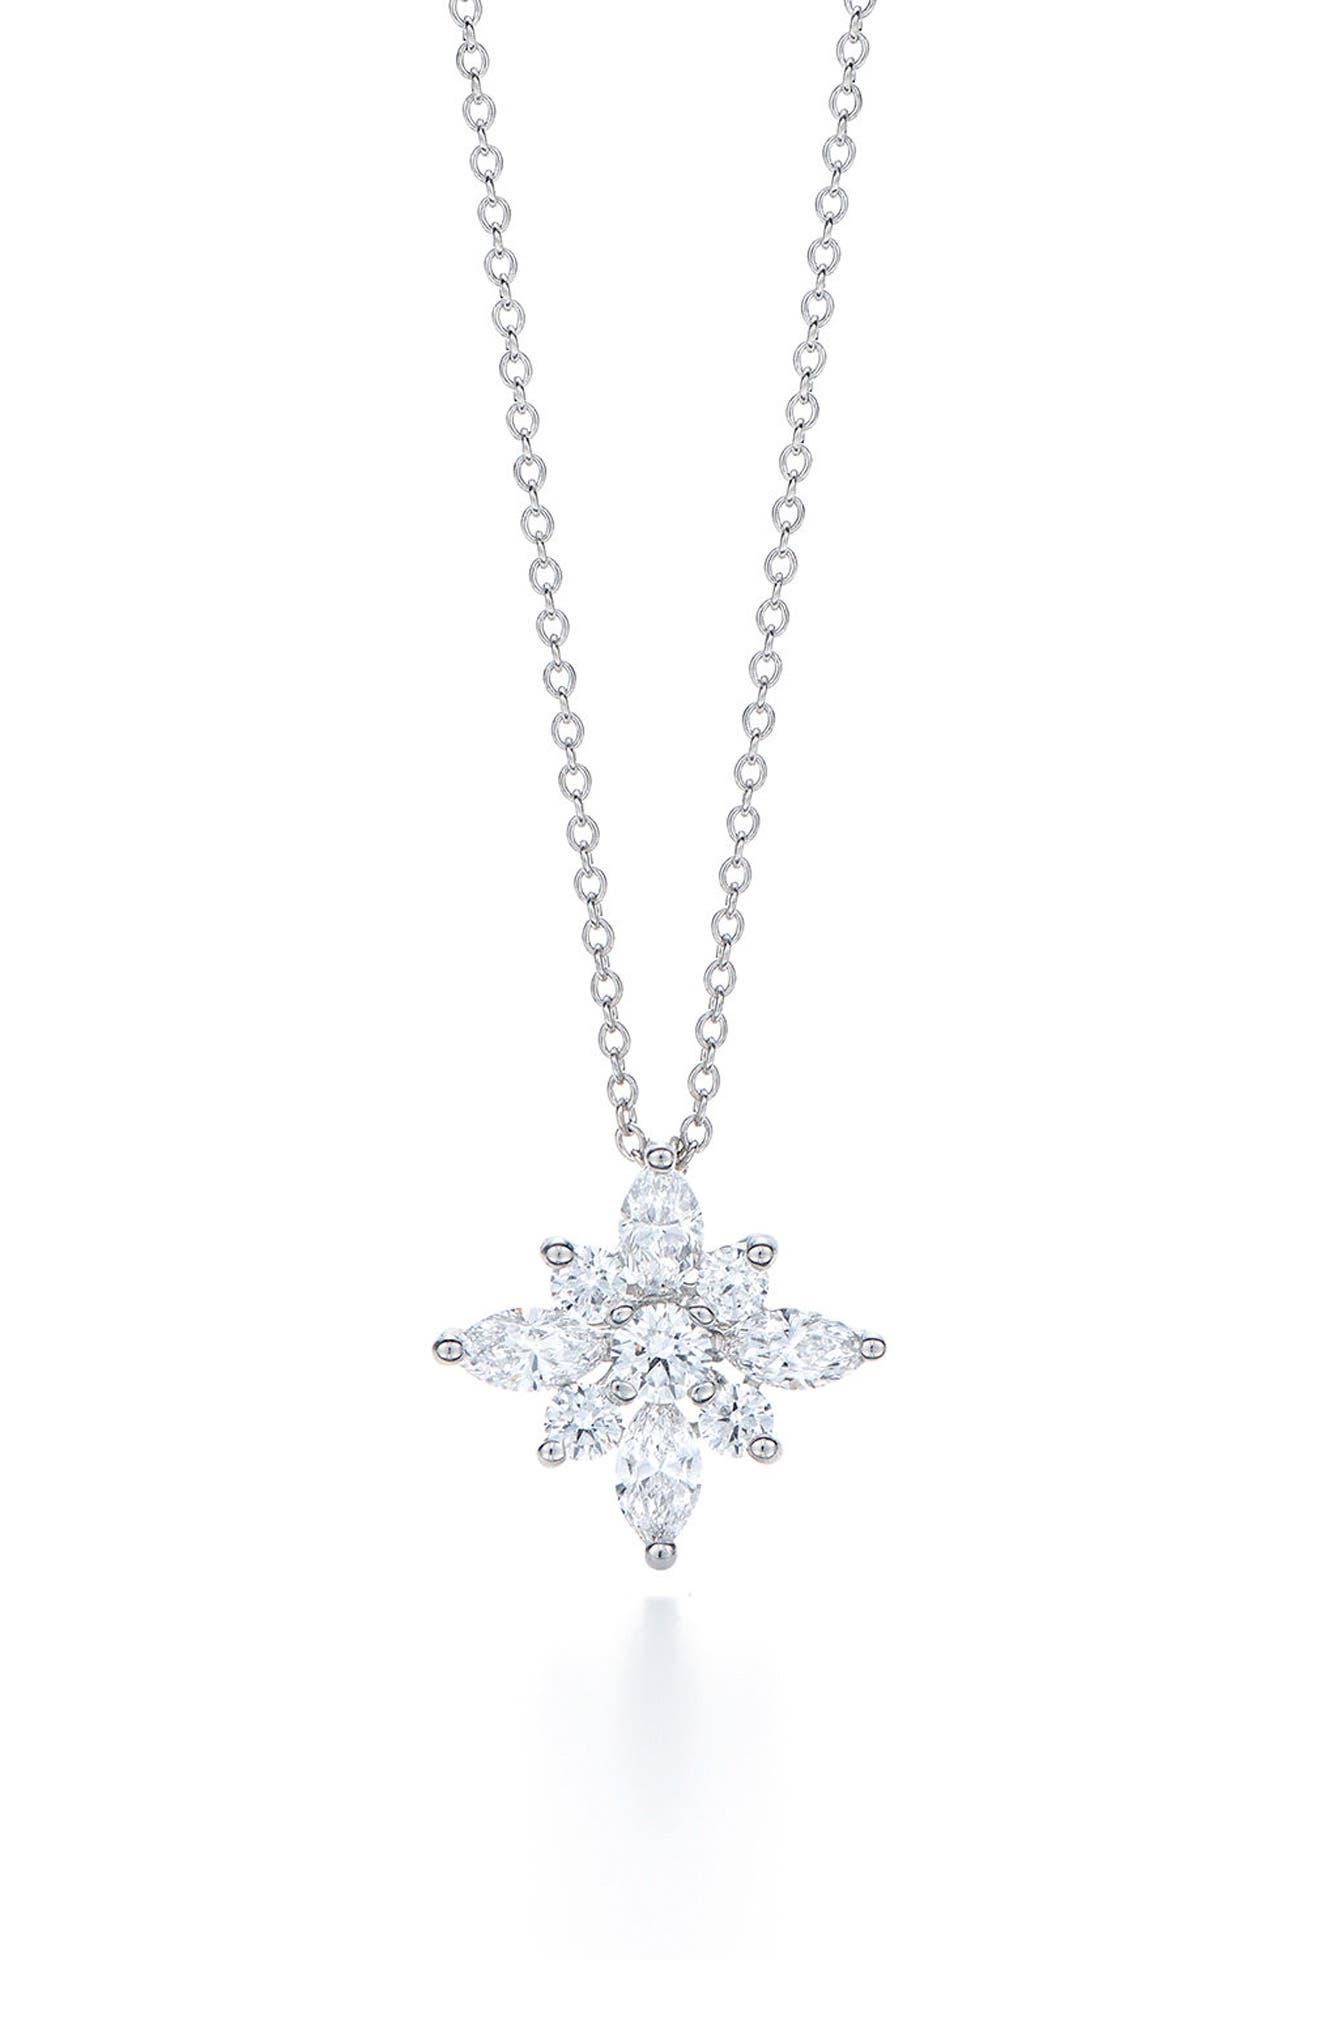 Kwiat Diamond Pendant Necklace